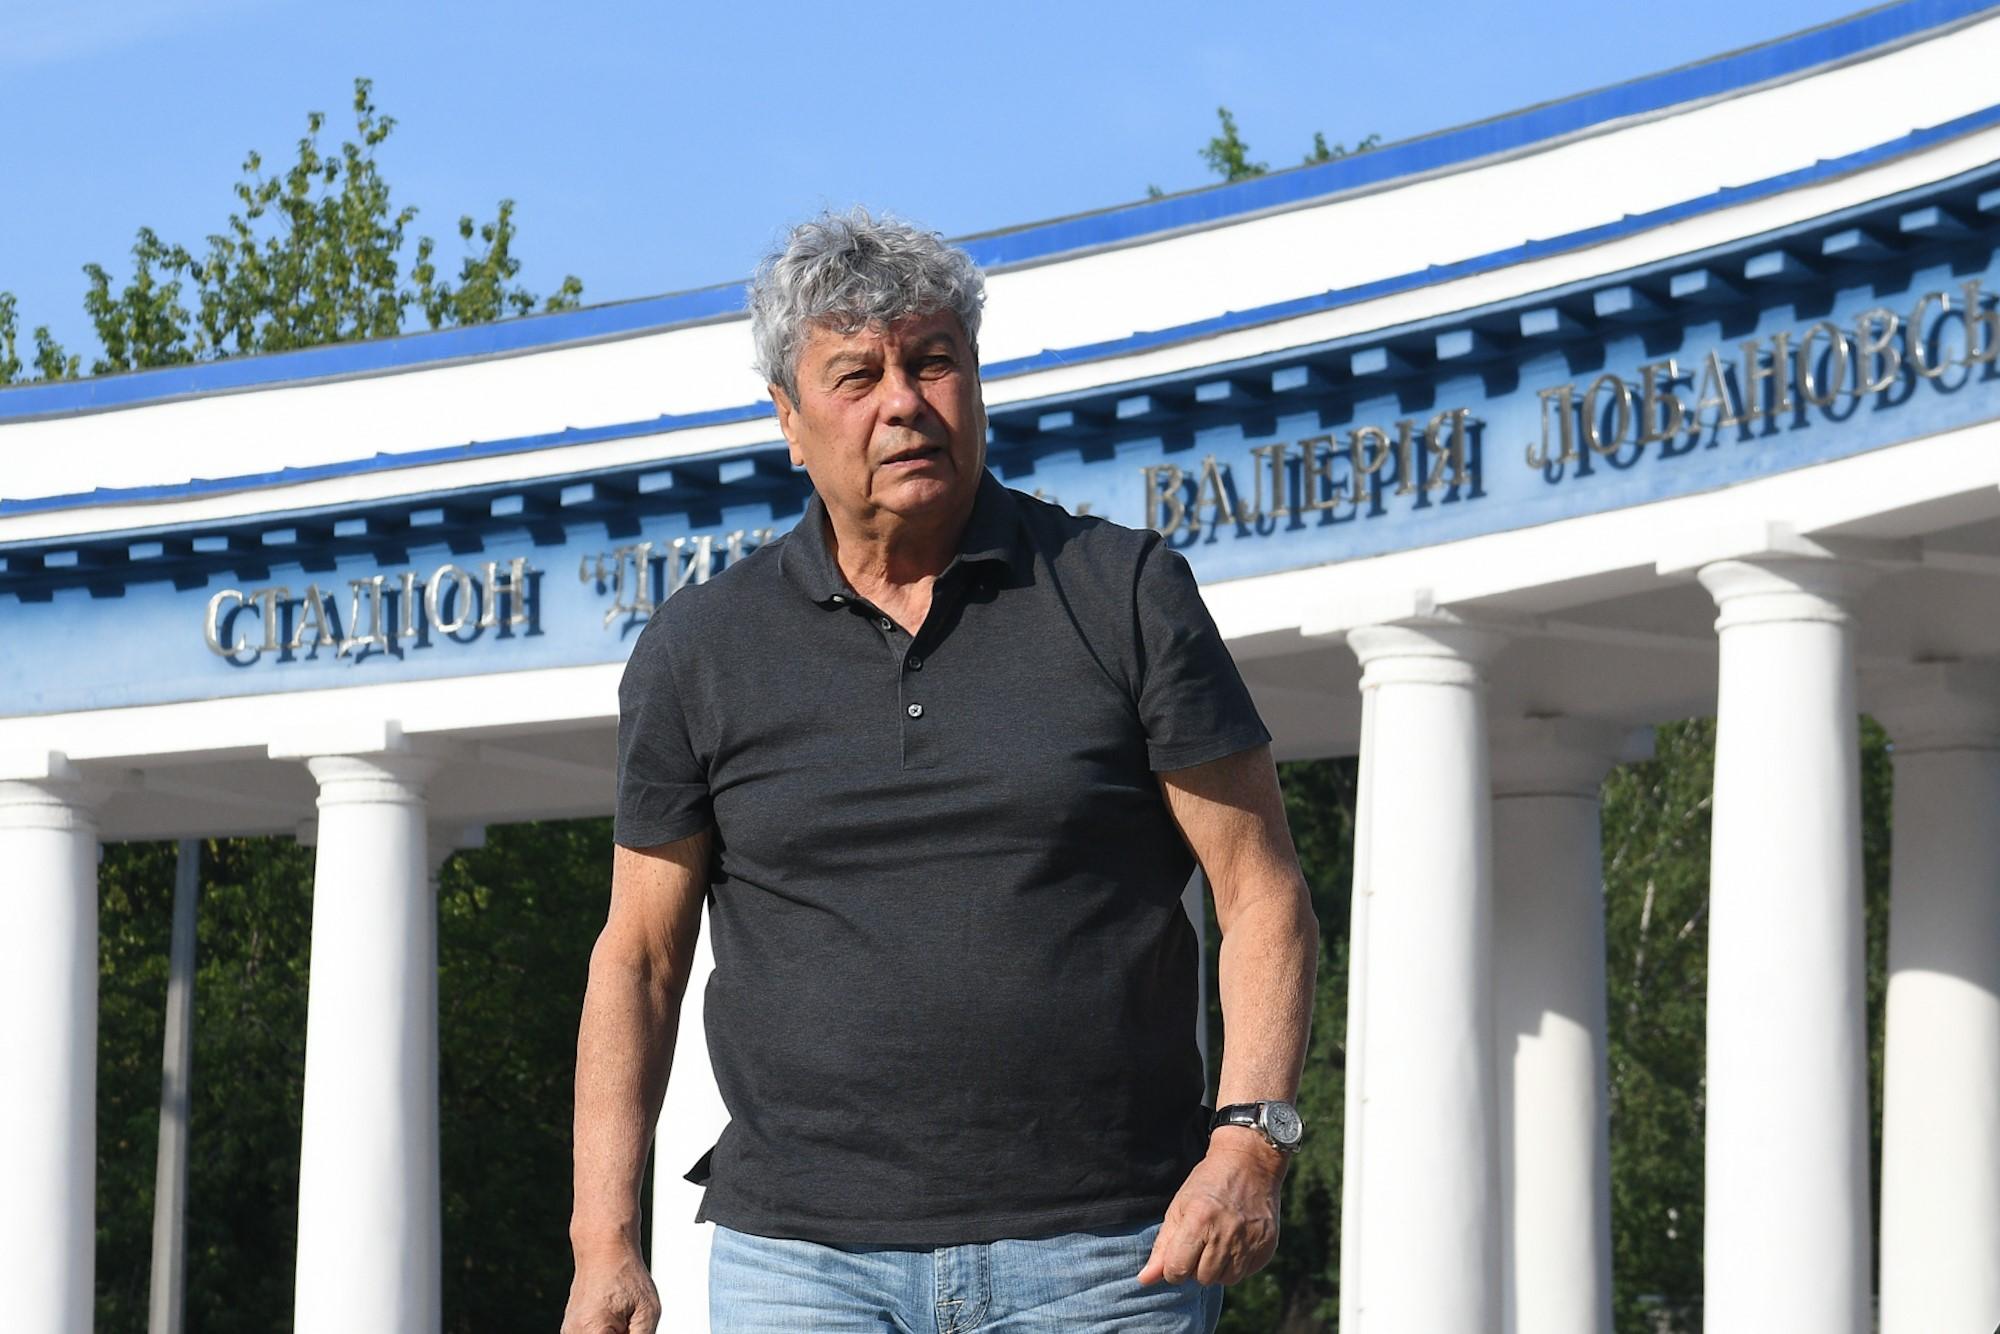 mircea-lucescu-a-fost-huiduit-de-fanii-dynamo-kiev-intr-un-meci-u19